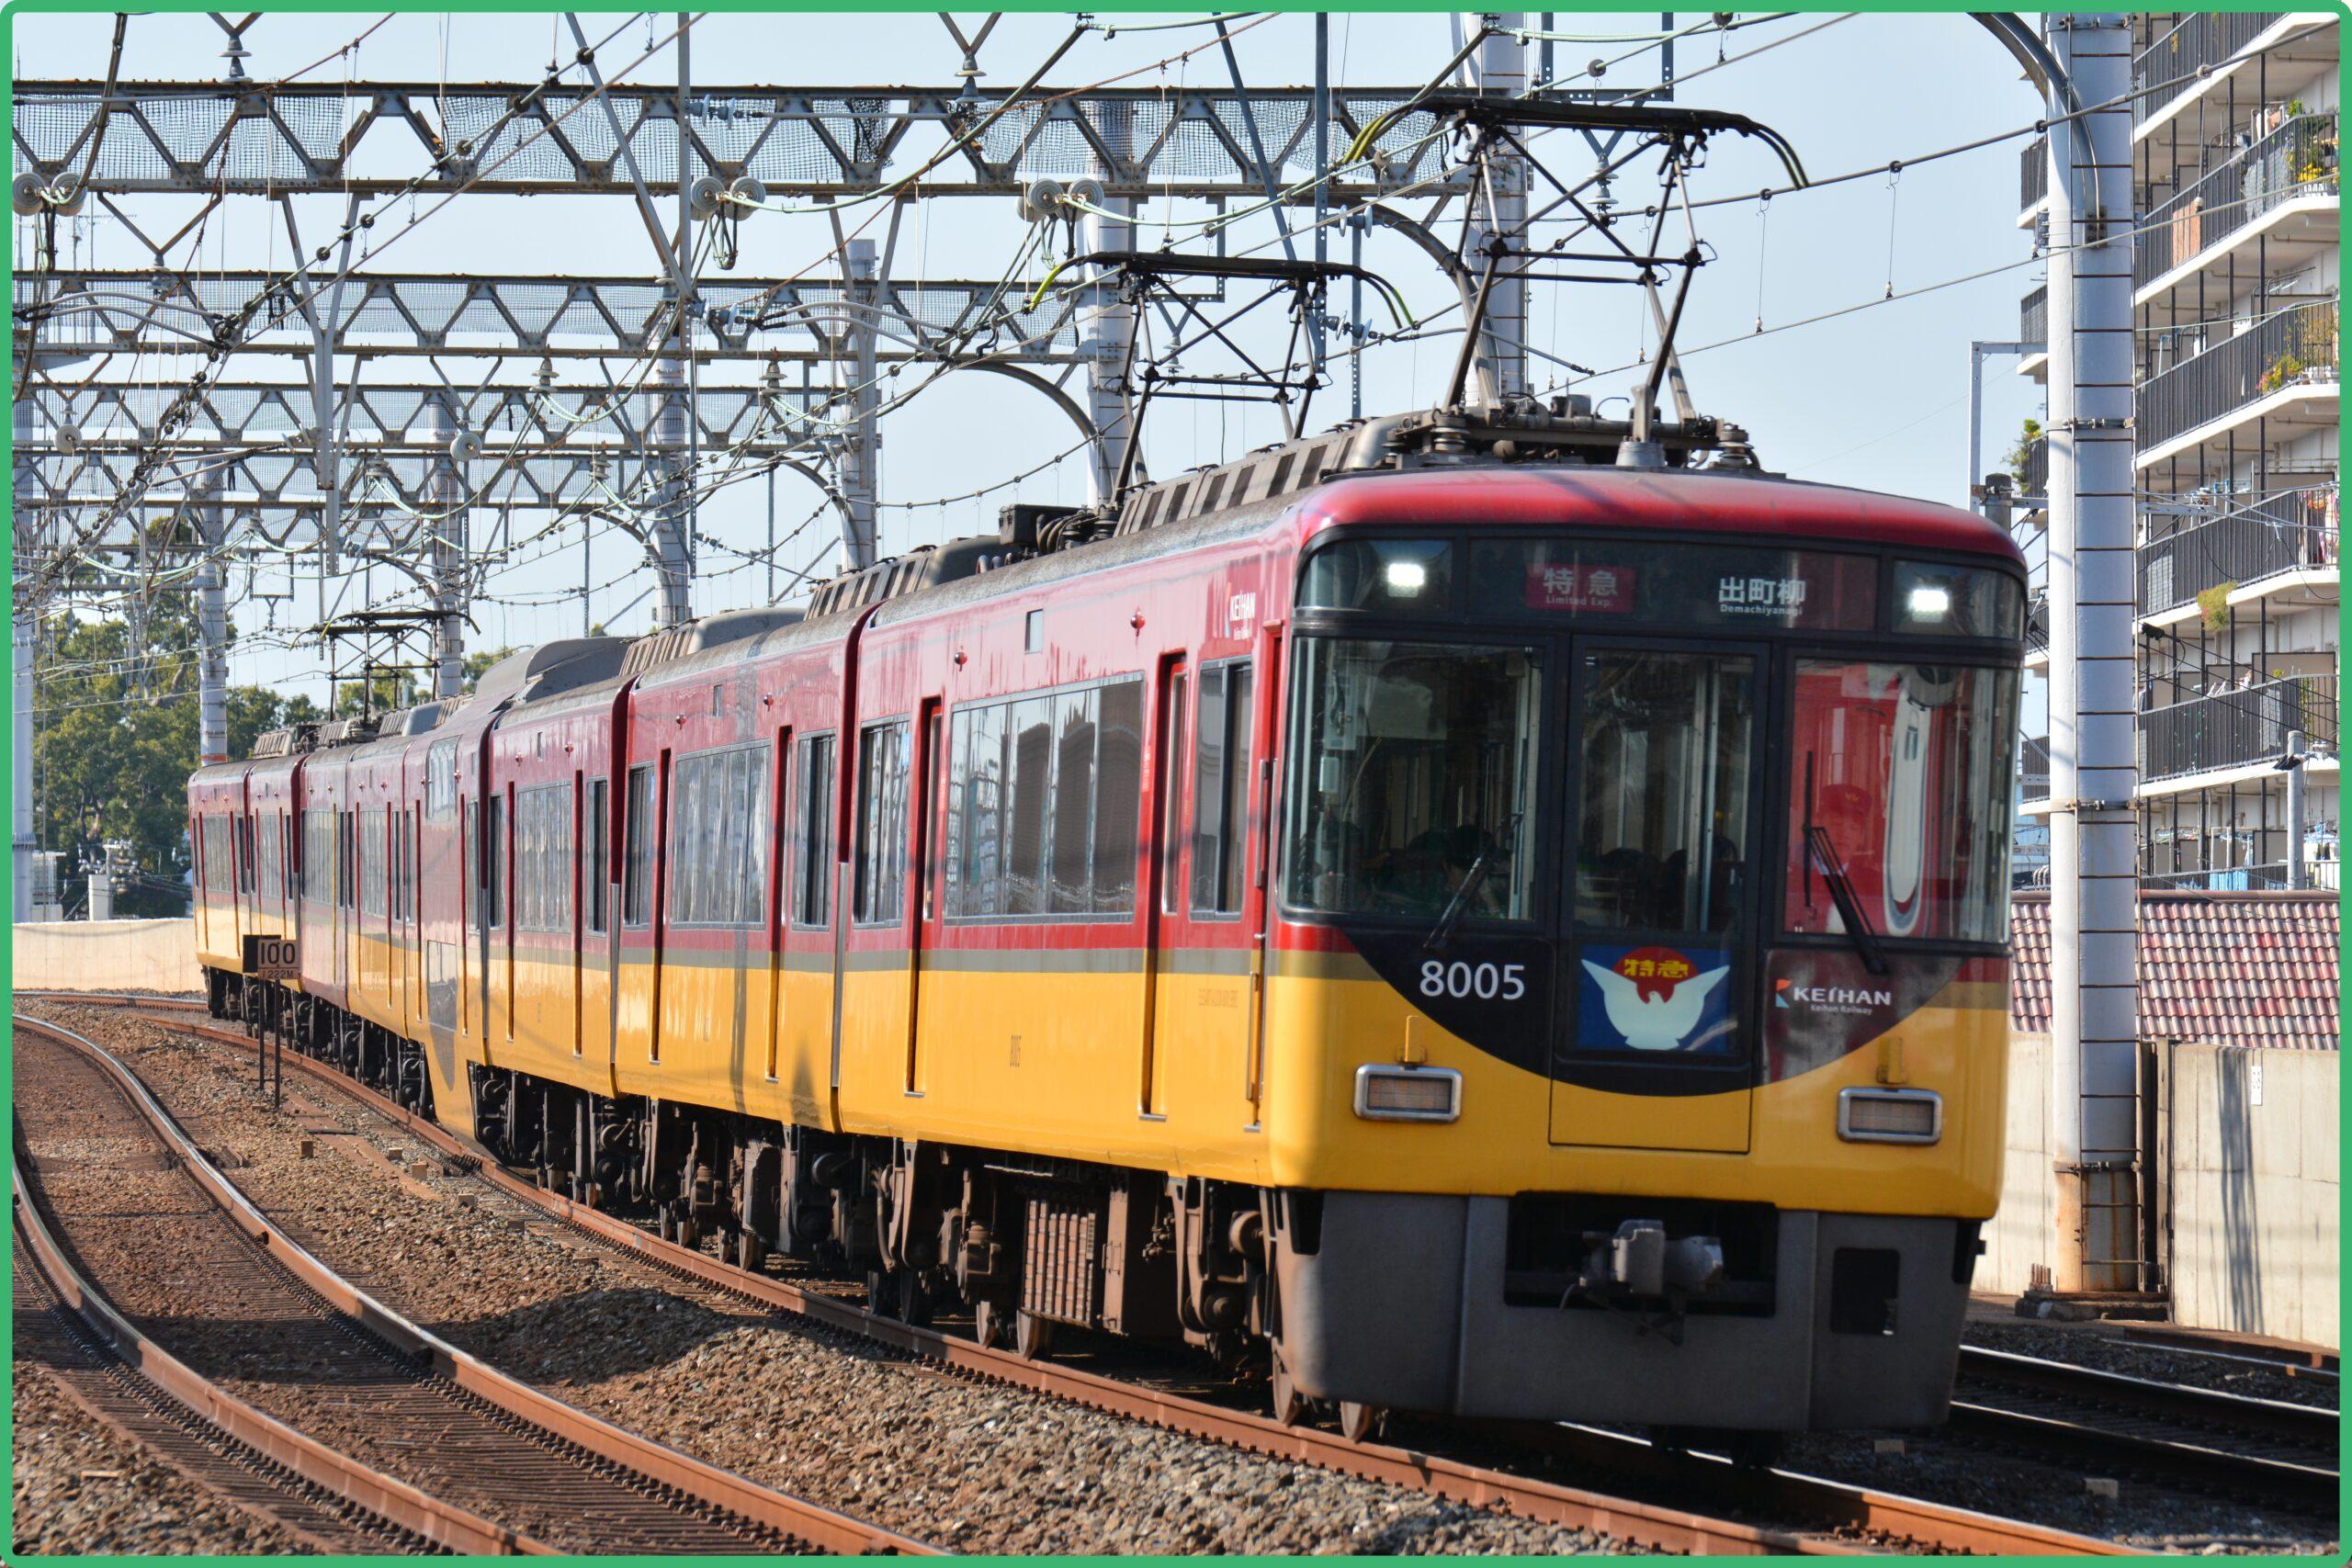 【大減便へ】京阪9月ダイヤ改正を実施 始発・終電繰り上げ 深夜急行廃止など